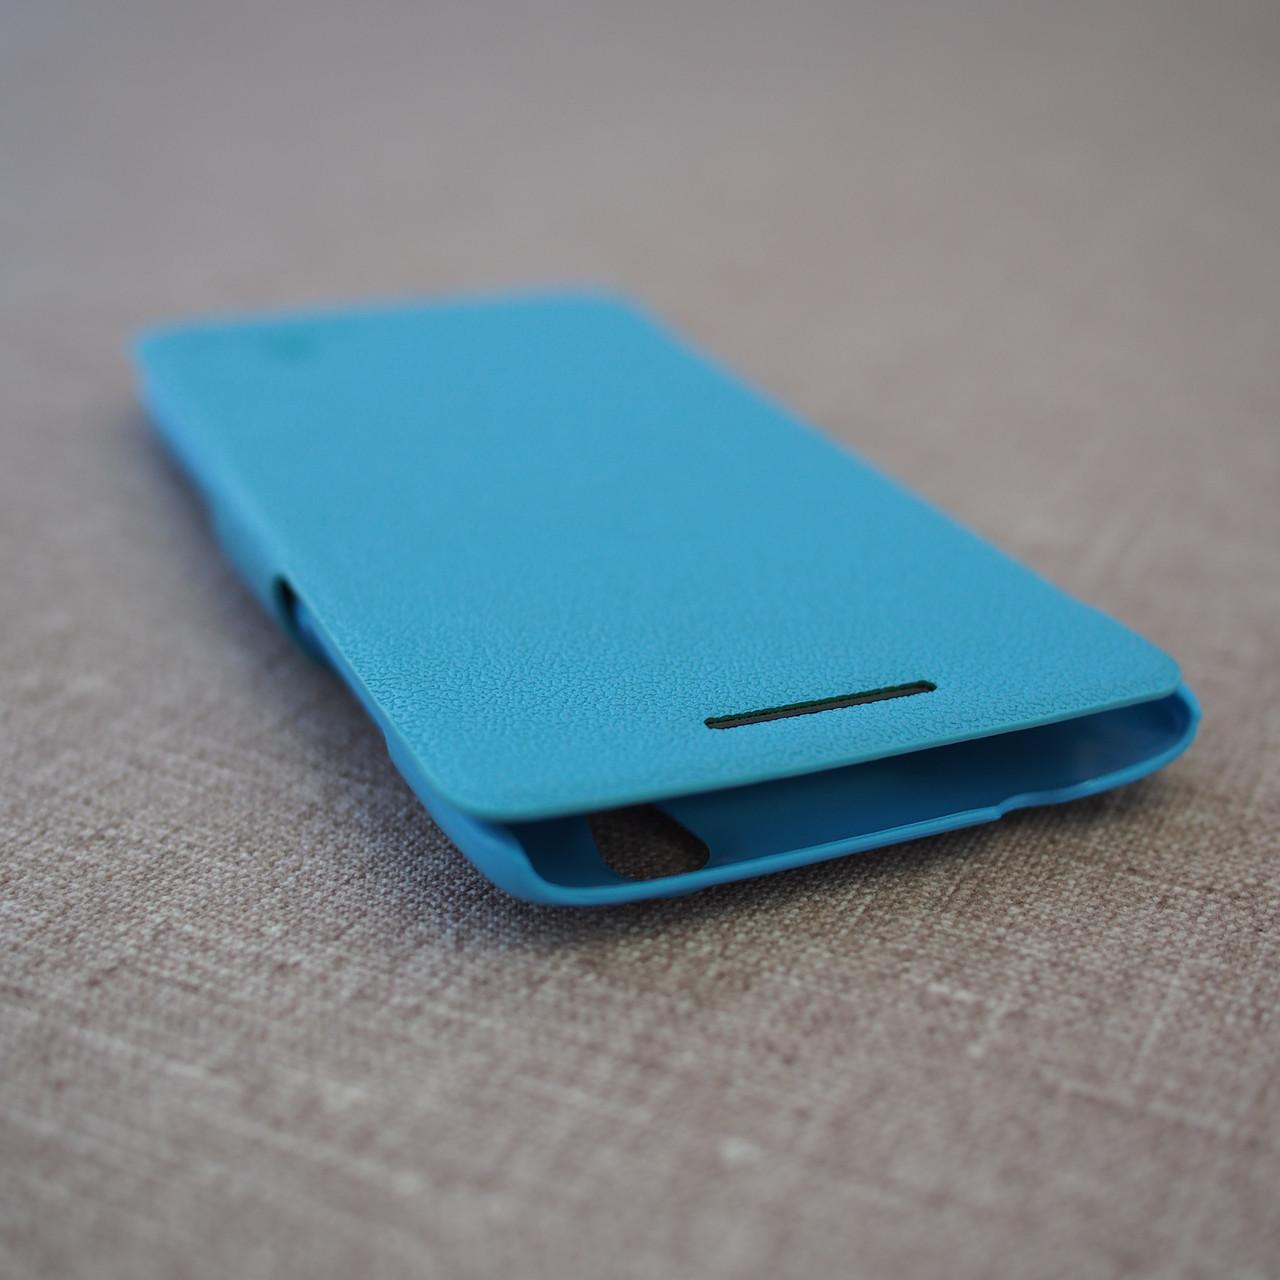 Nillkin Fresh Lenovo S960 light-blue